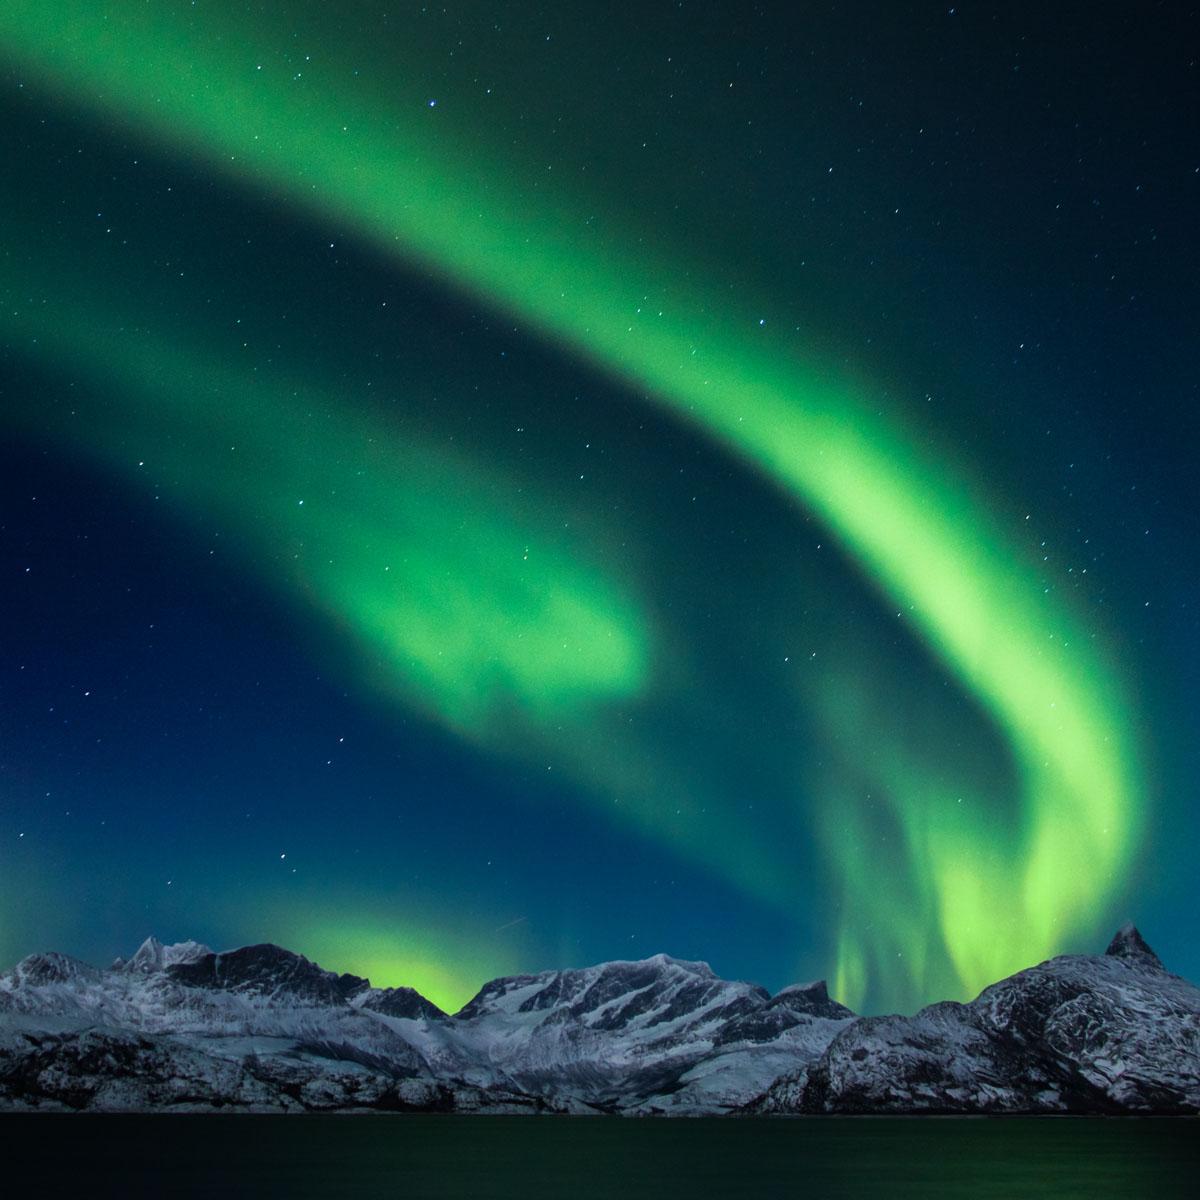 Island Reise zu Polarlichternjpg